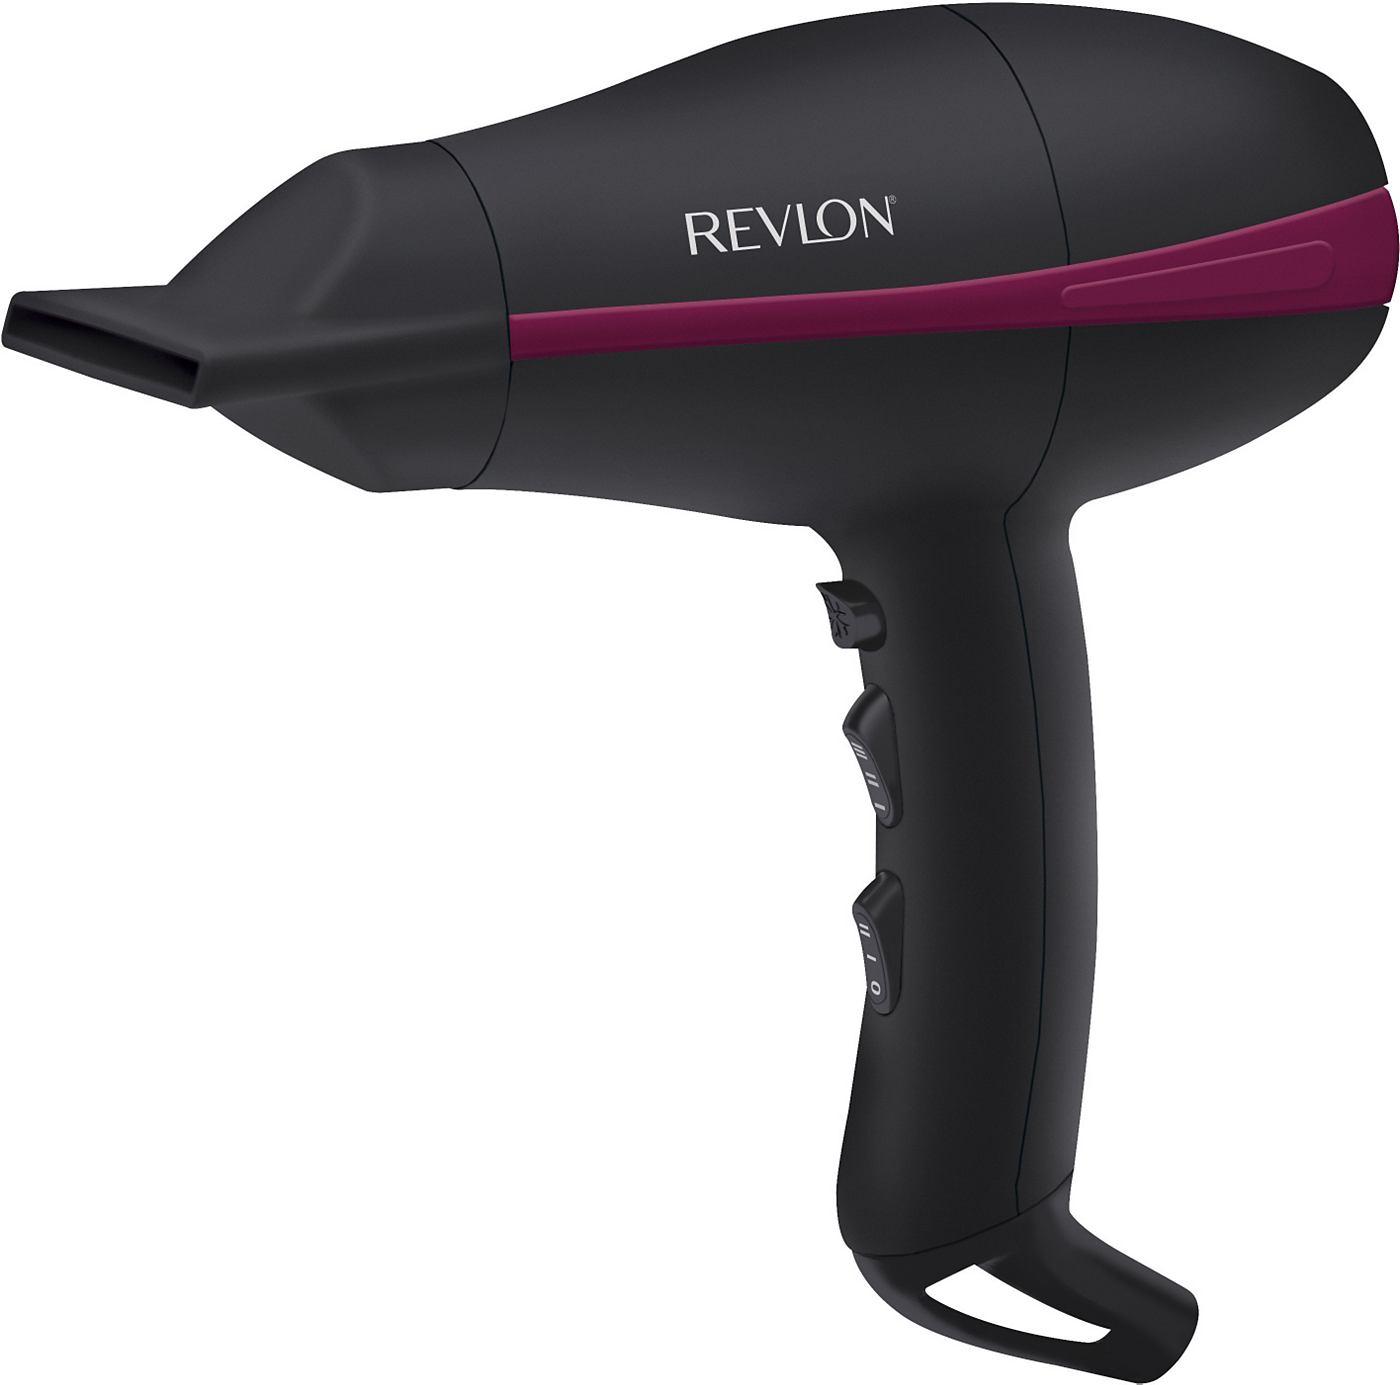 REVLON Haardroger RVDR5821DE